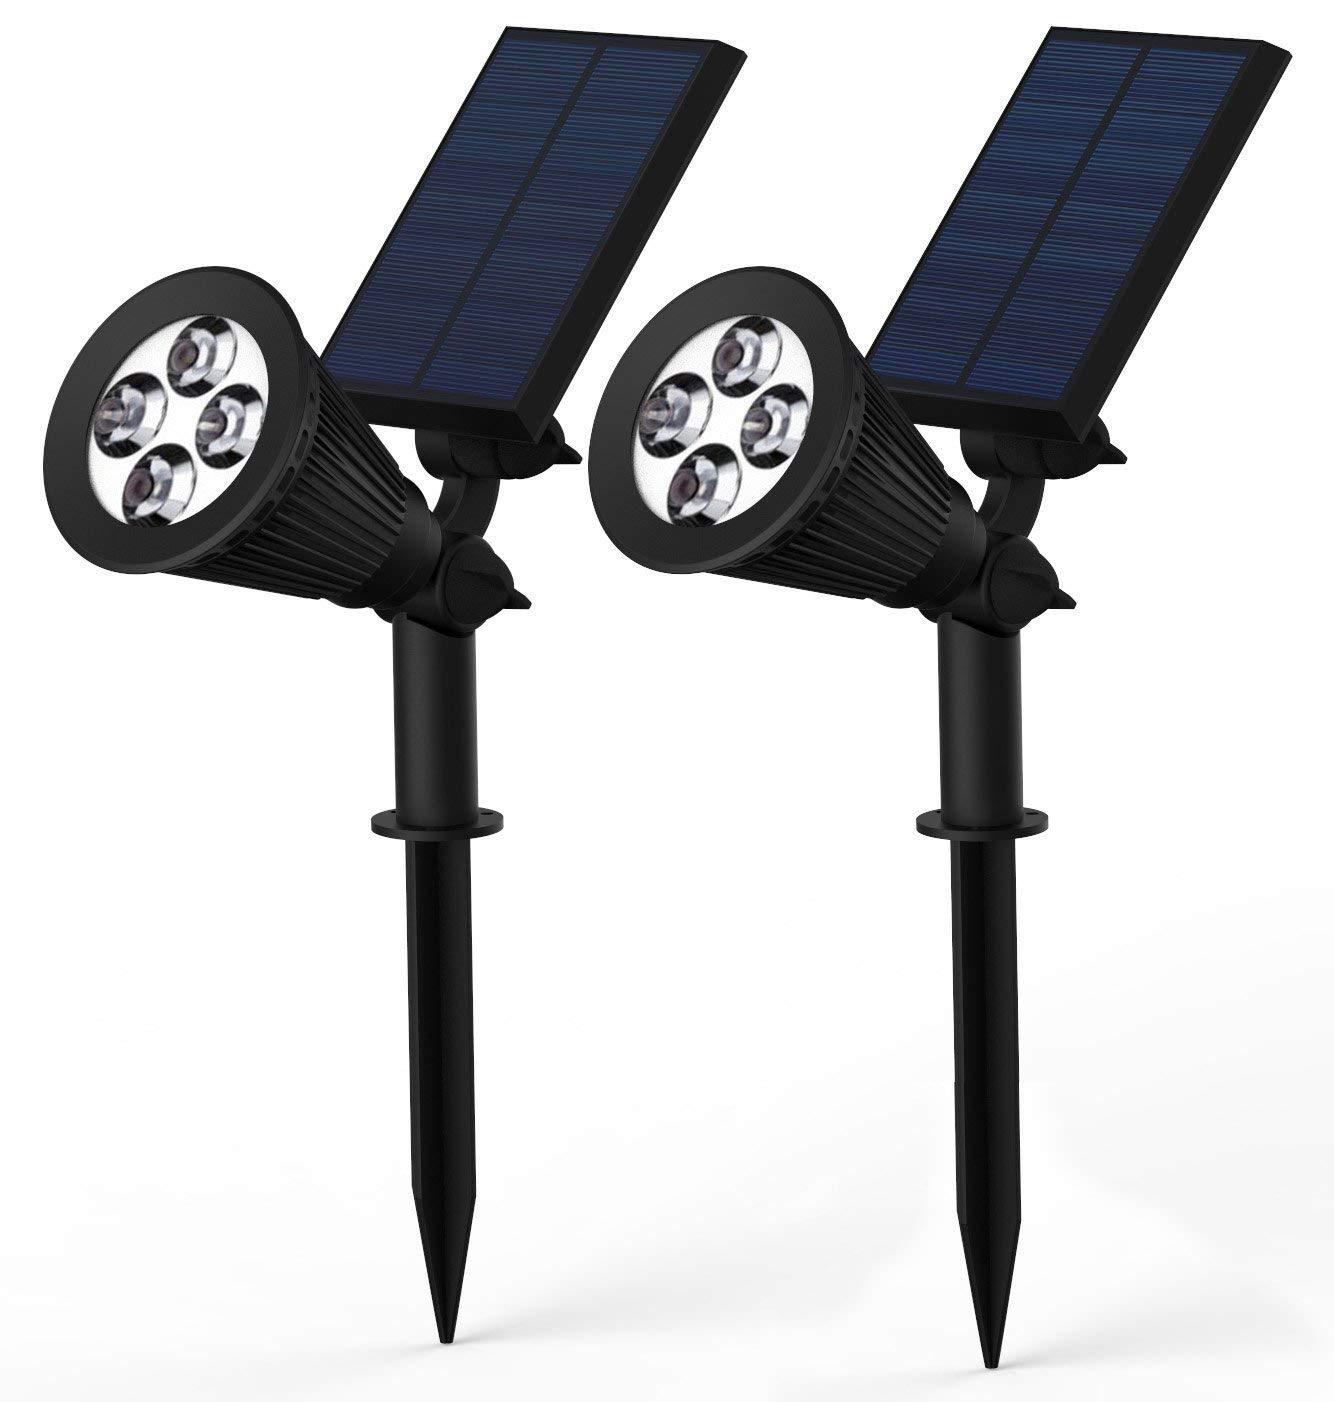 Magictec Warm Solar Spotlights – 2-in-1 LED Lights